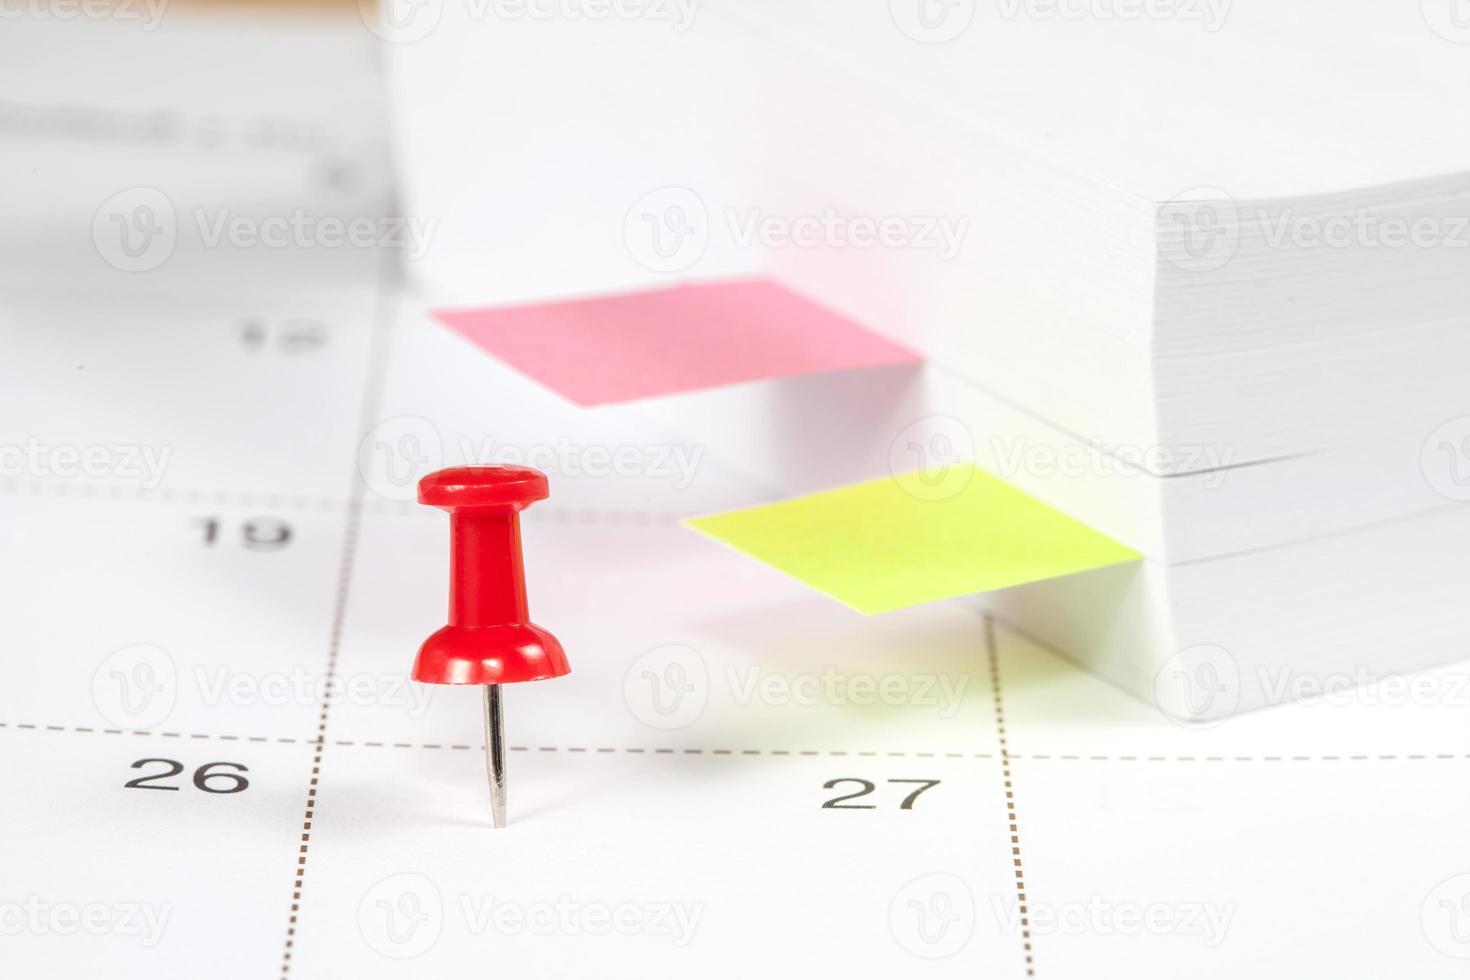 pin op wit kalender close-up shot foto